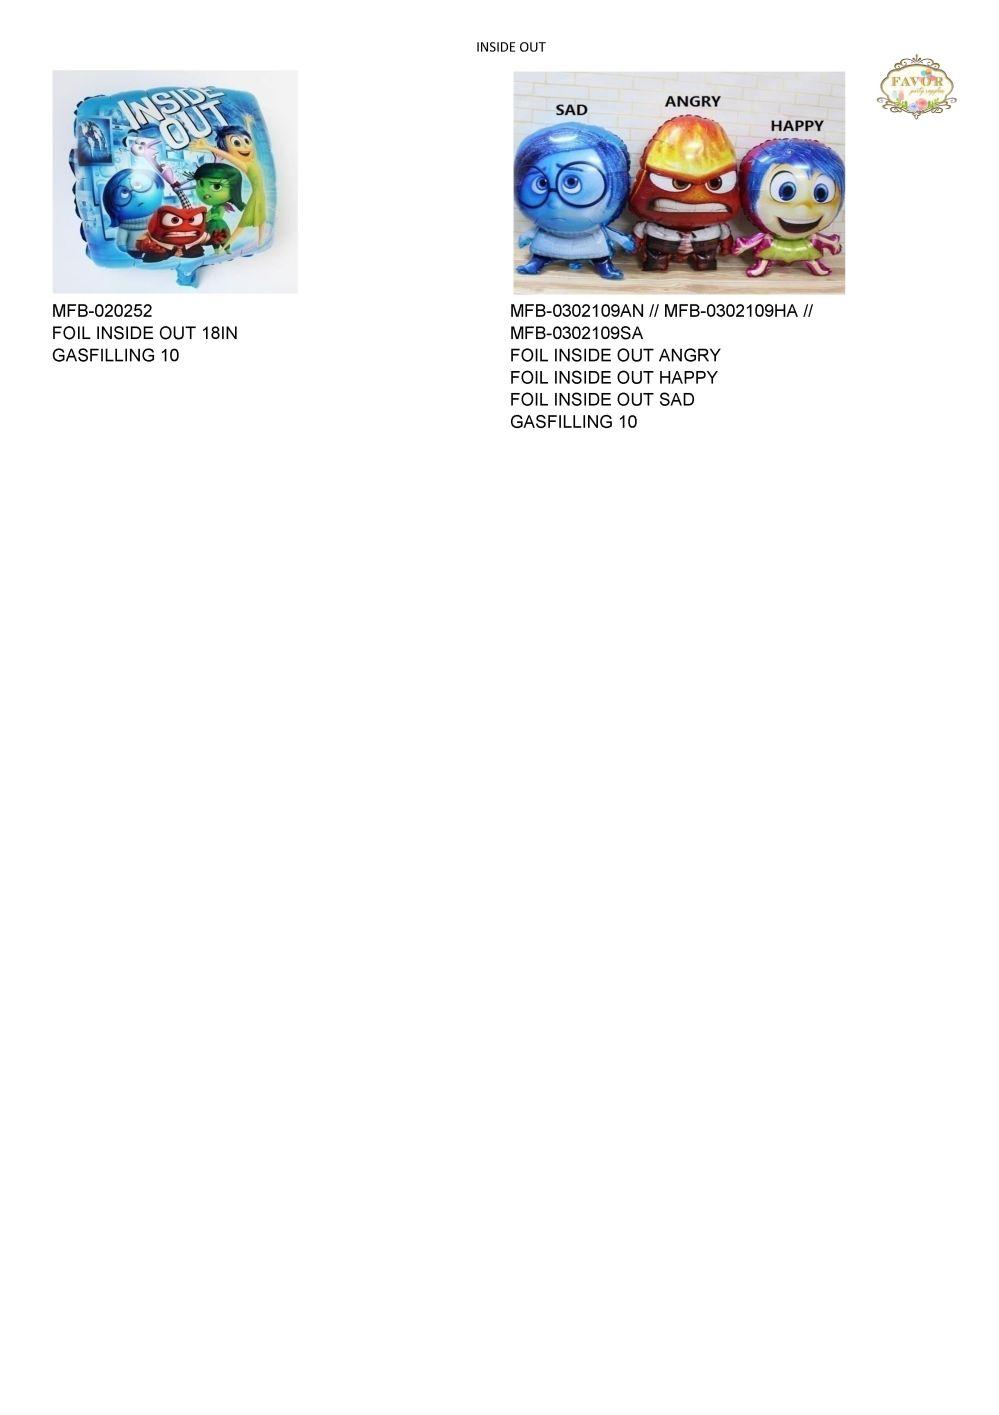 katalog inside out.jpg